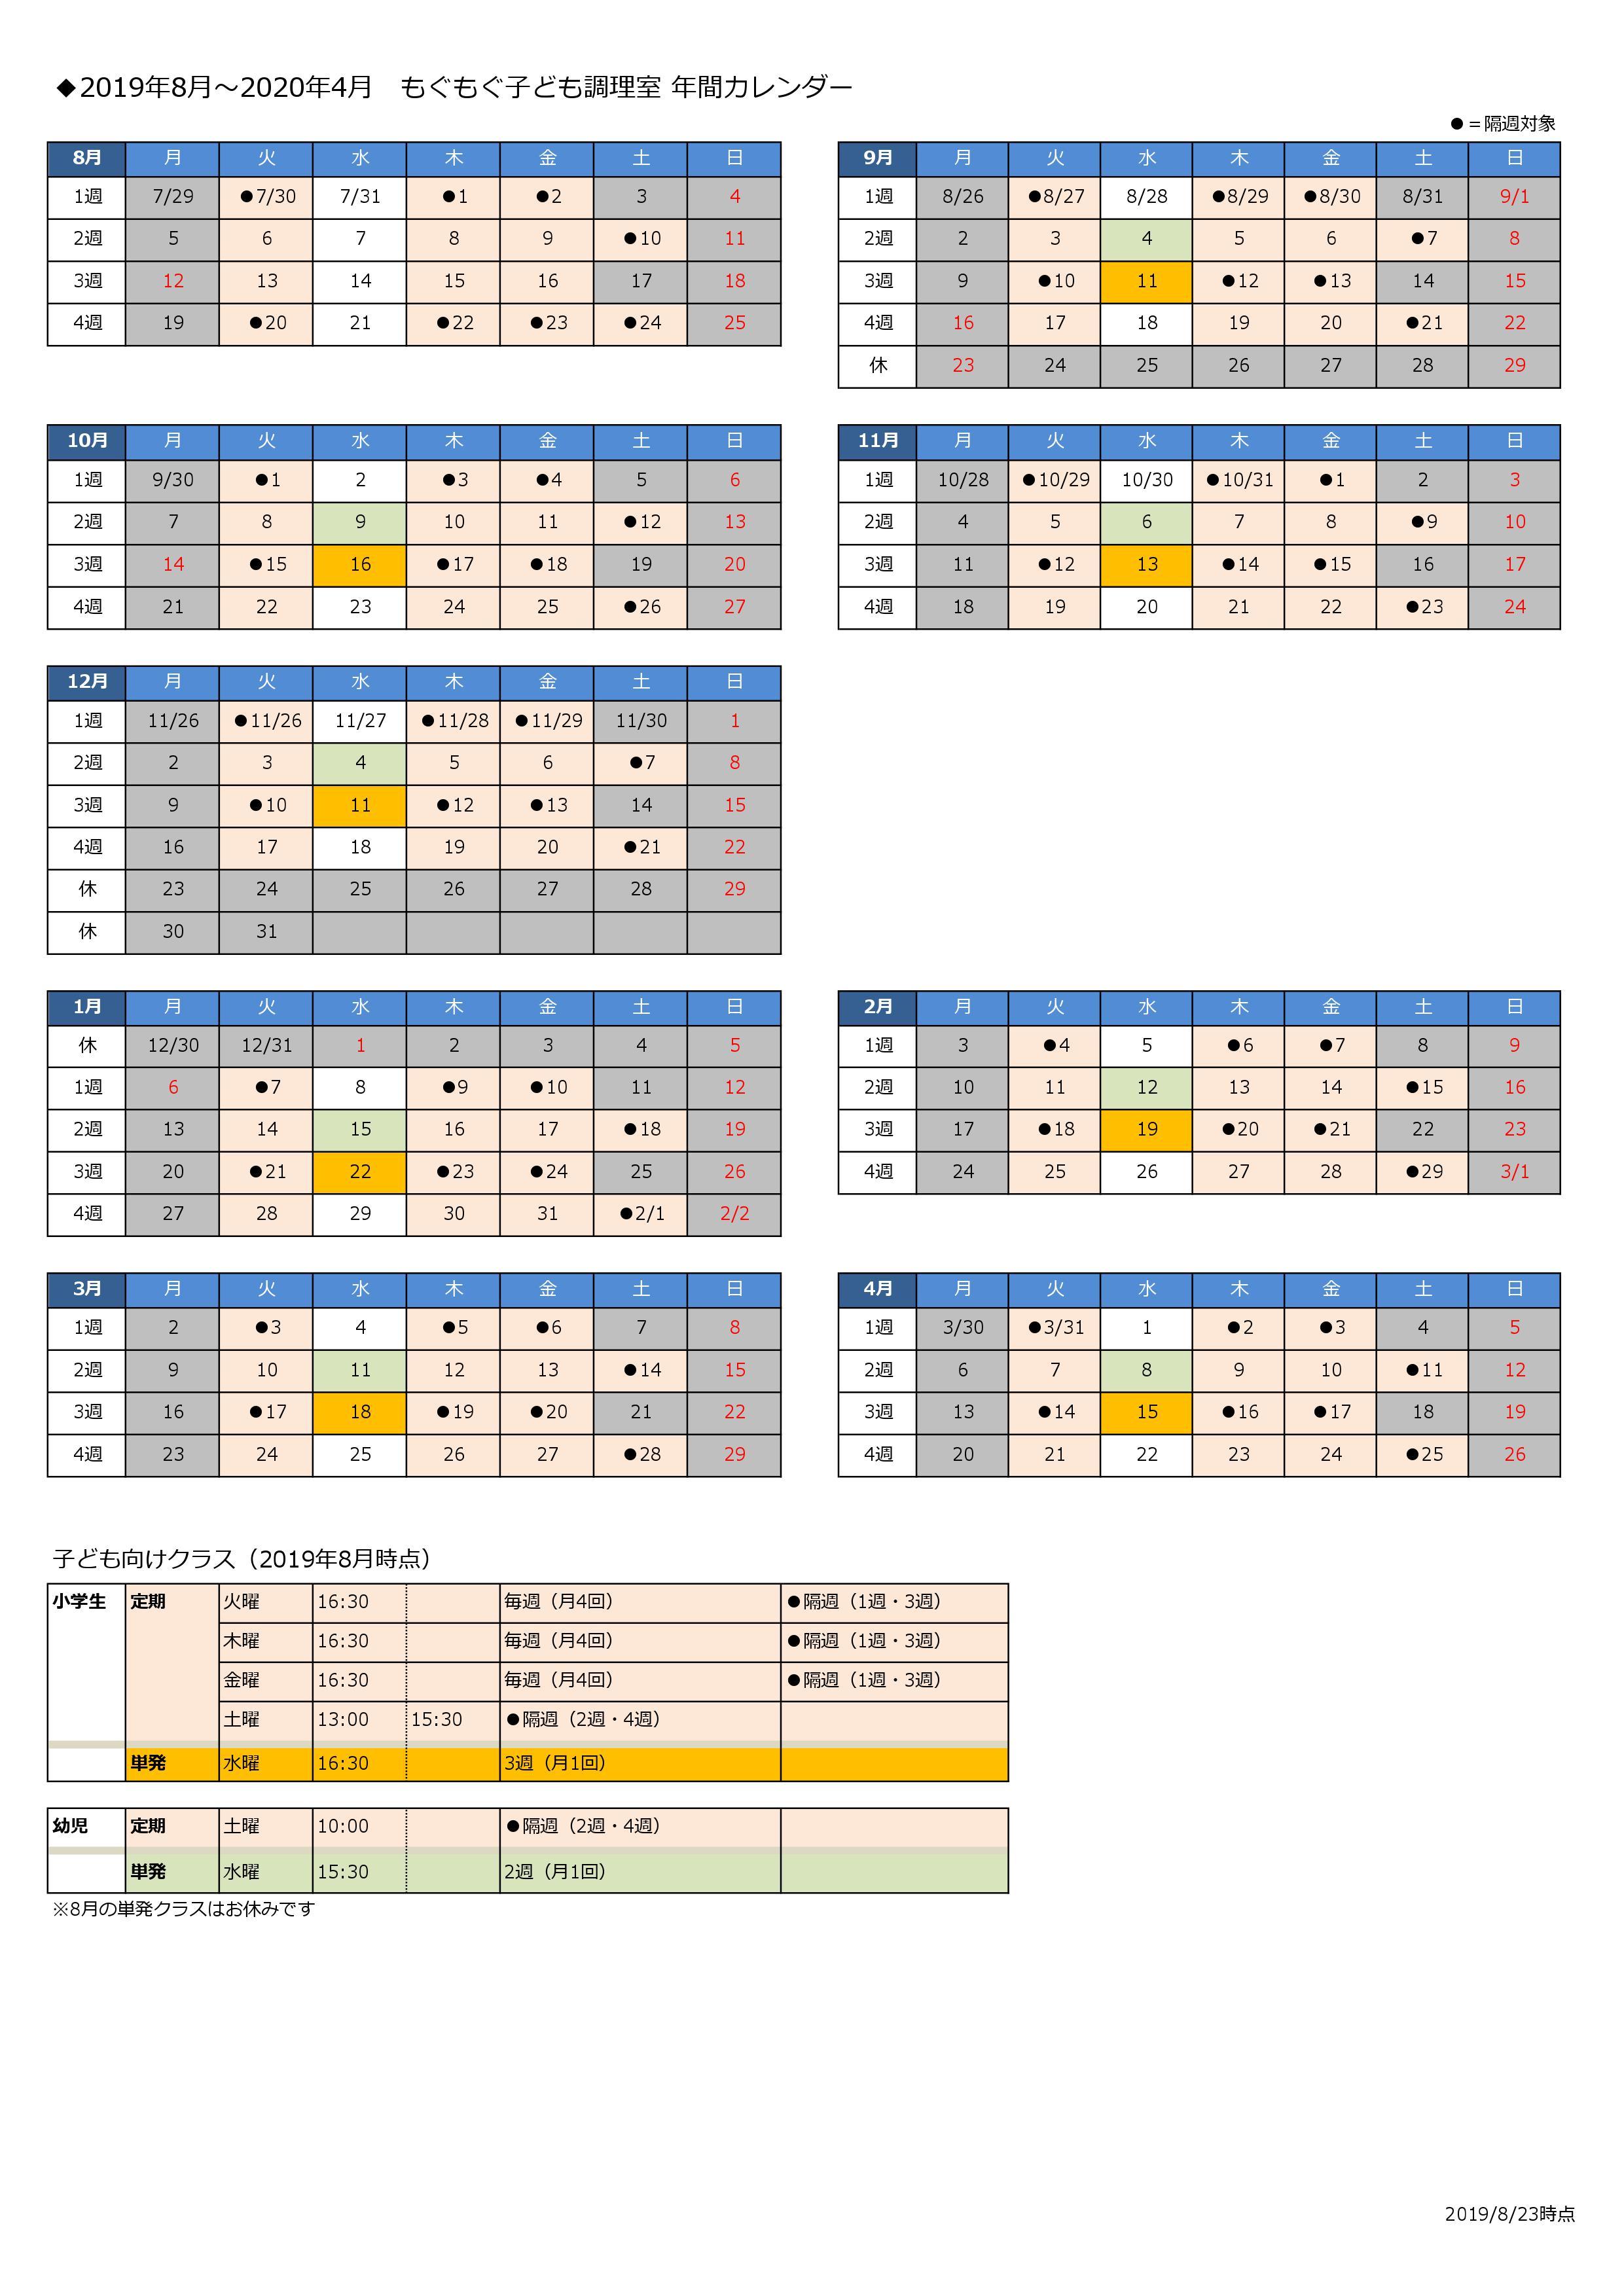 201908-202004カレンダー